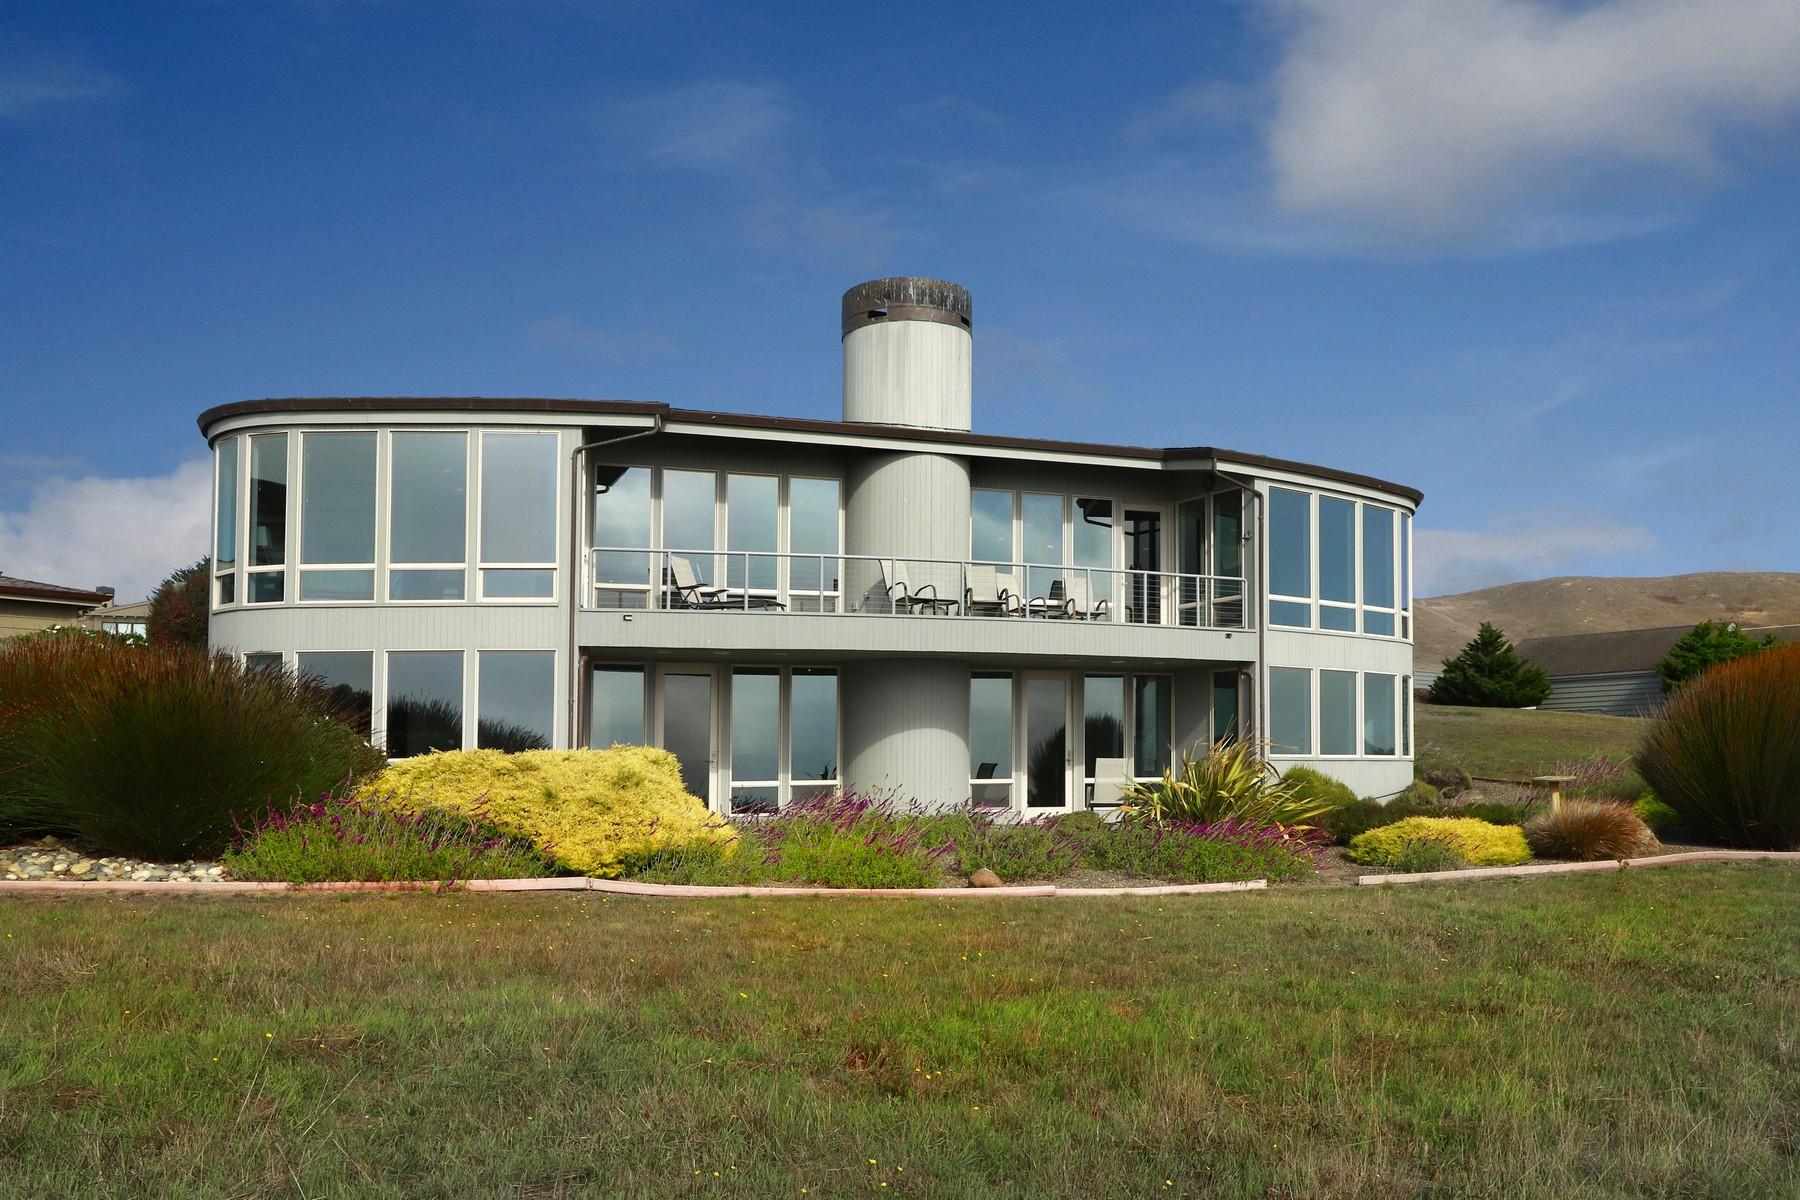 Casa Unifamiliar por un Venta en 19930 Oyster Catcher Loop 19930 Oyster Catcher Loop Bodega Bay, California 94923 Estados Unidos